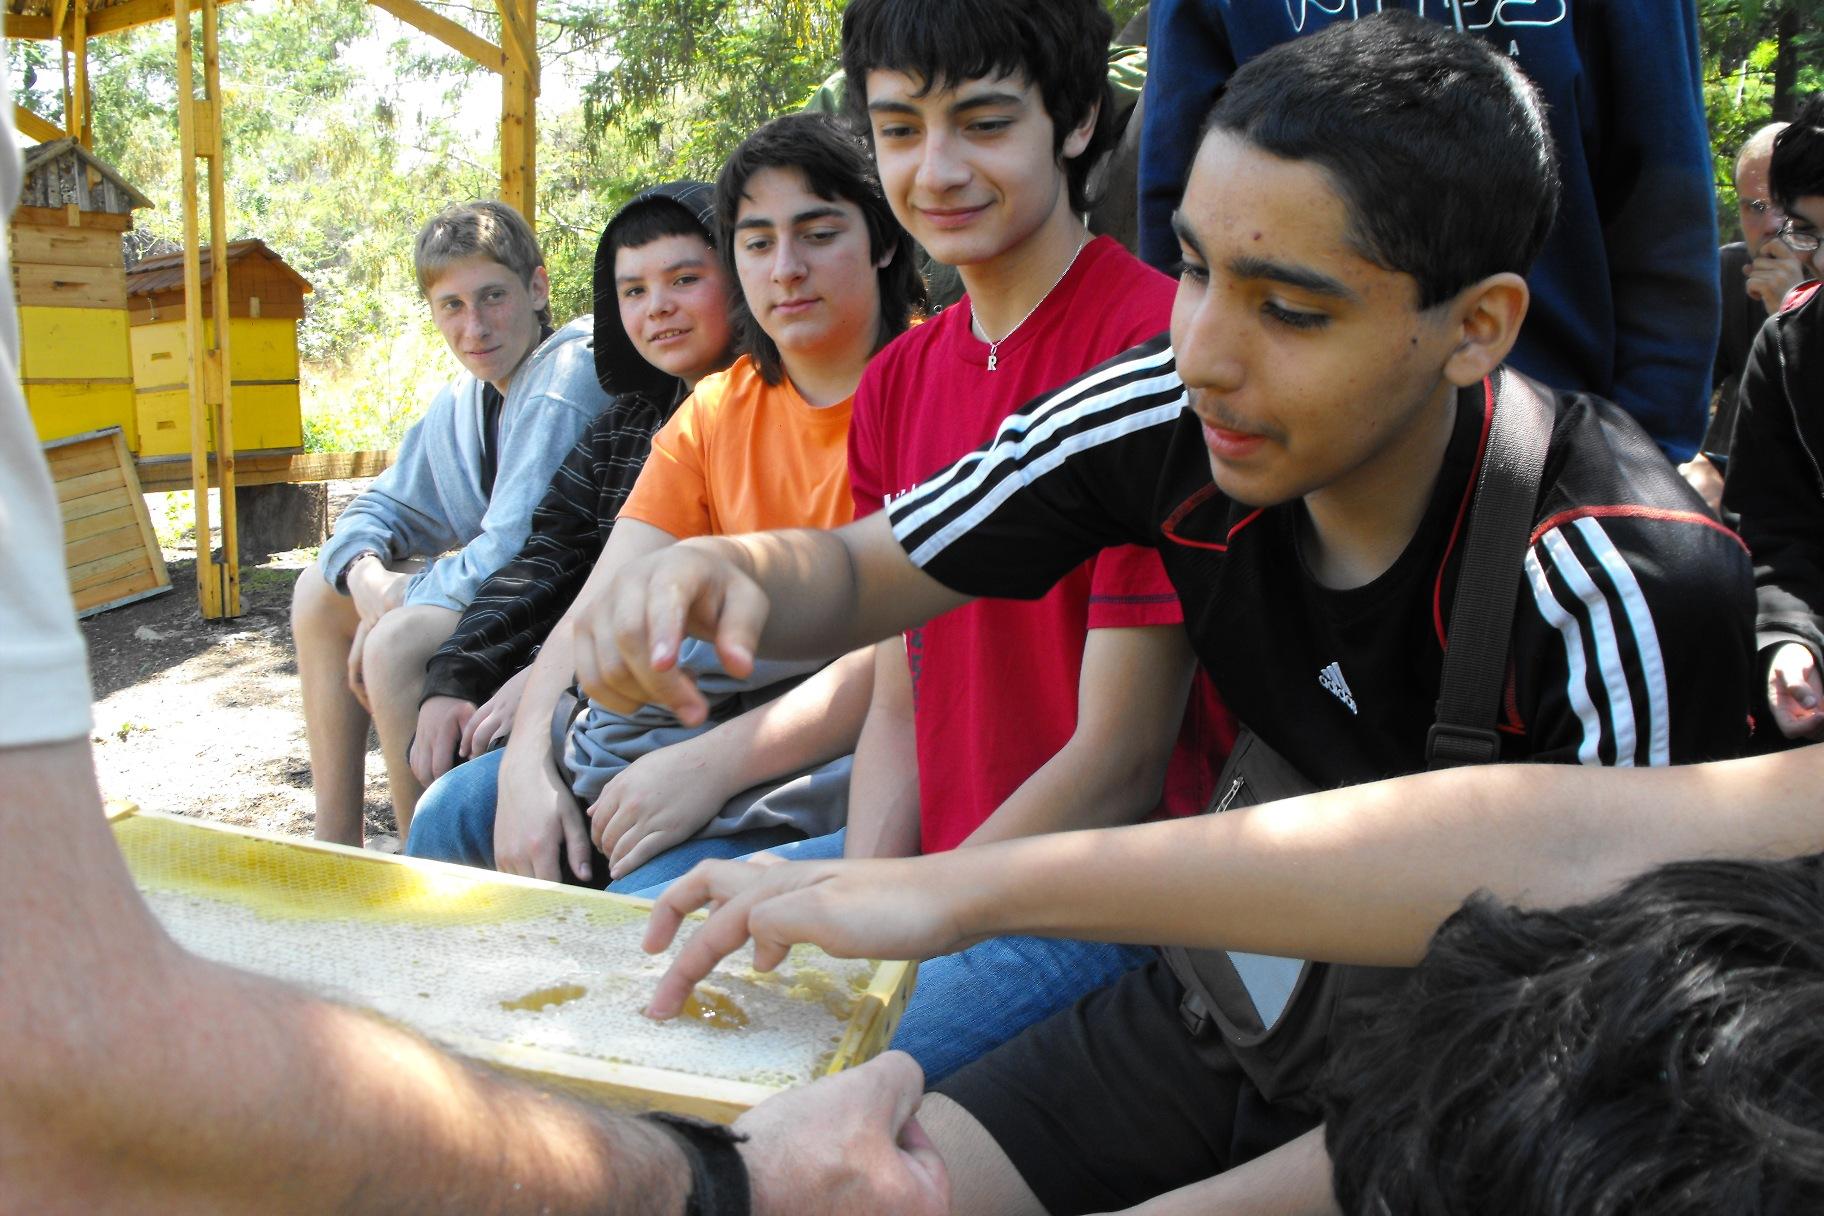 Jóvenes del Rubén Darío en apiario disfrutando de la miel en panal, recien retirada de una de nuestras colmenas demostrativas. Nov. 2010